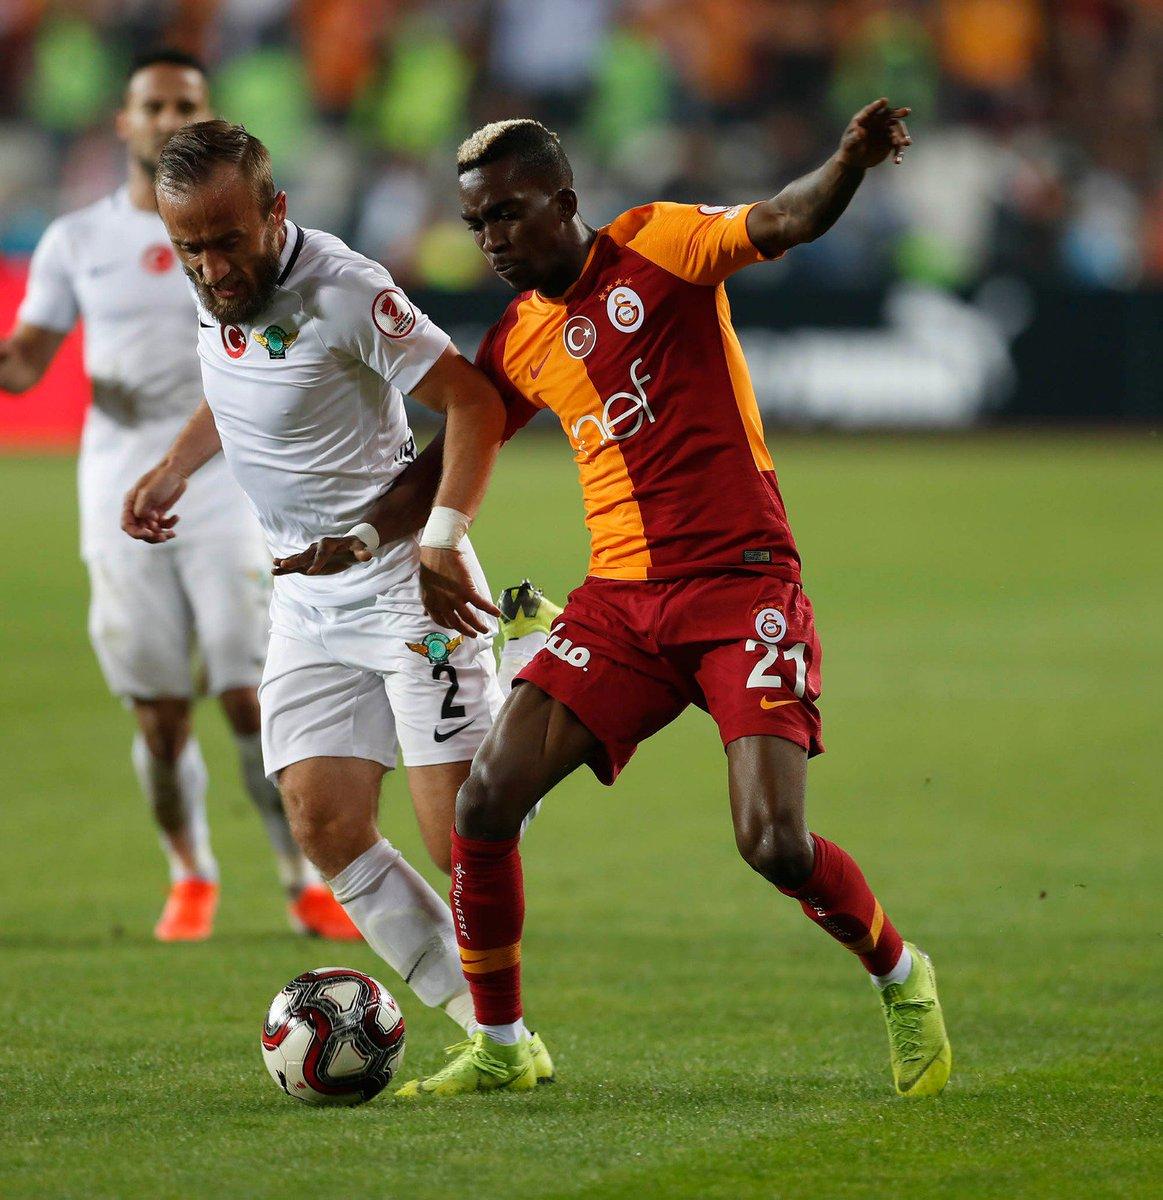 RT @GalatasaraySK: 📸 #KupaBeyiGalatasaray 🏆 #AKHvGS https://t.co/HH0DucbPUb